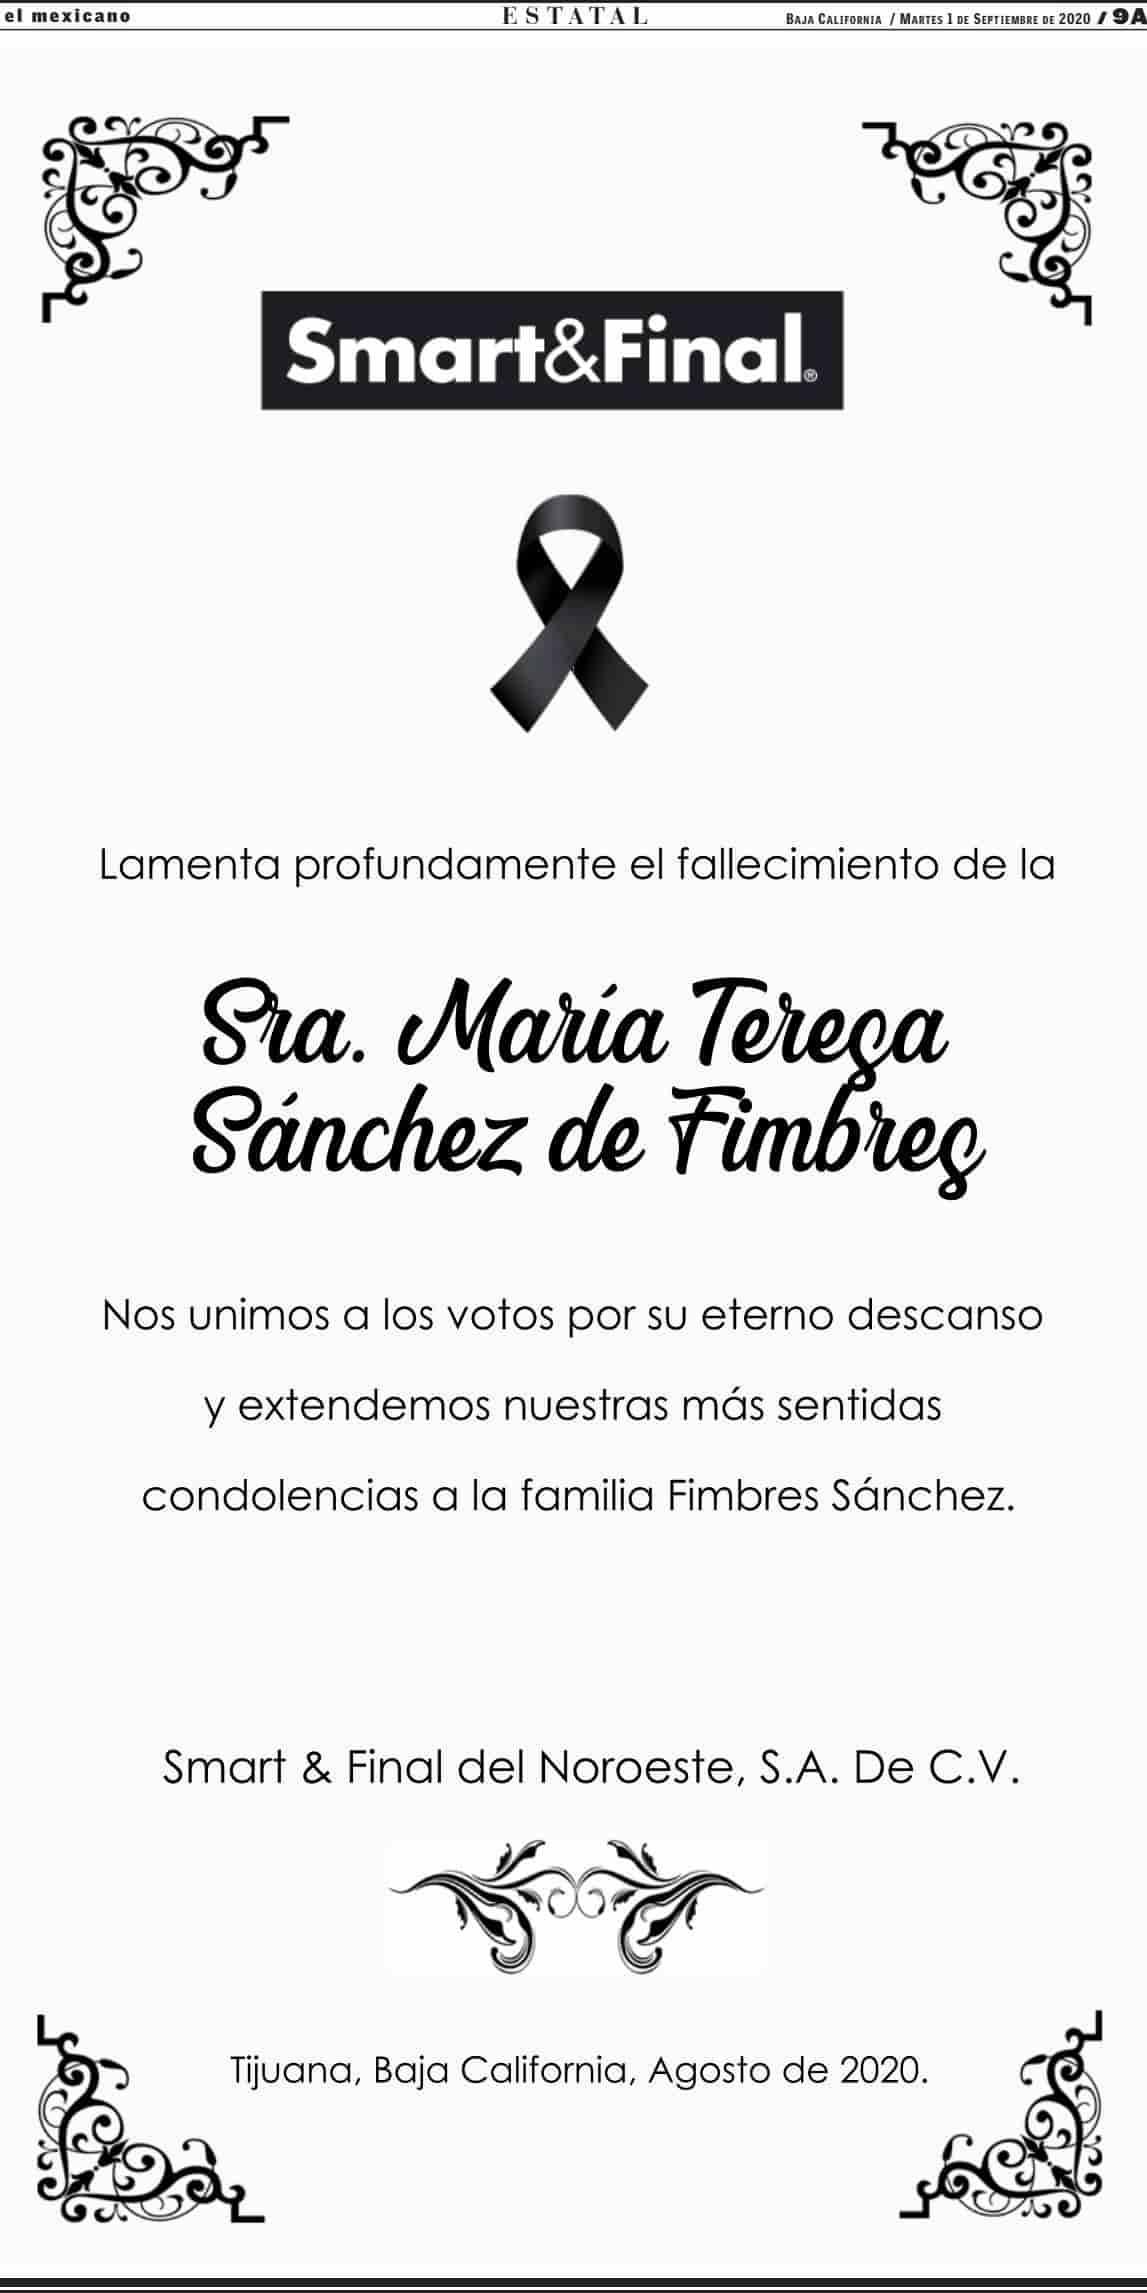 María Teresa Sánchez de Fimbres